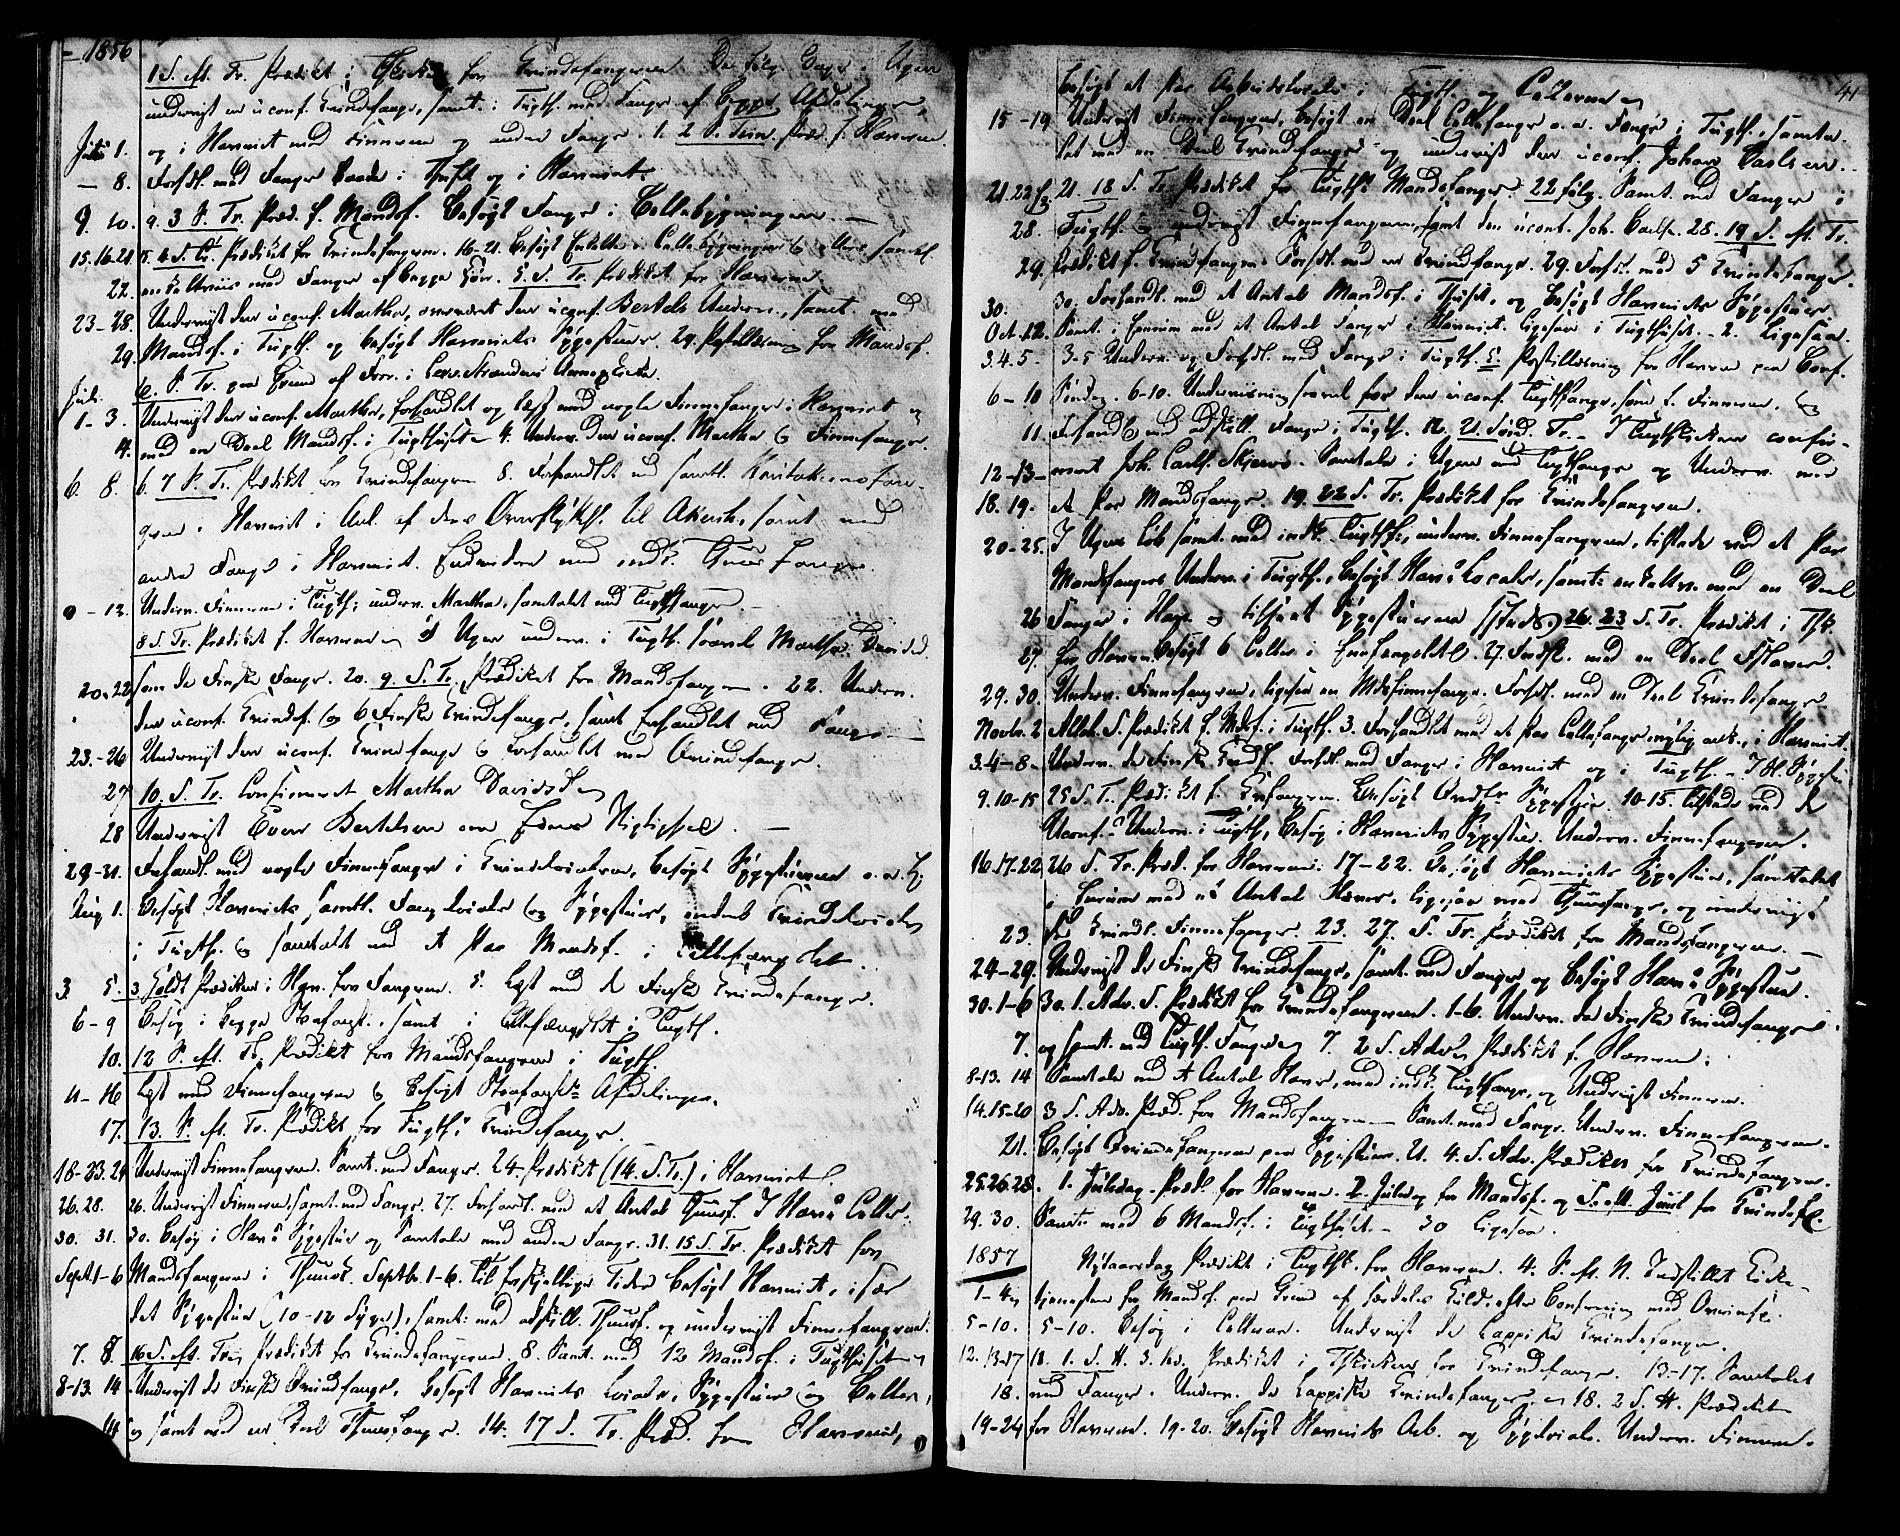 SAT, Ministerialprotokoller, klokkerbøker og fødselsregistre - Sør-Trøndelag, 624/L0481: Ministerialbok nr. 624A02, 1841-1869, s. 41